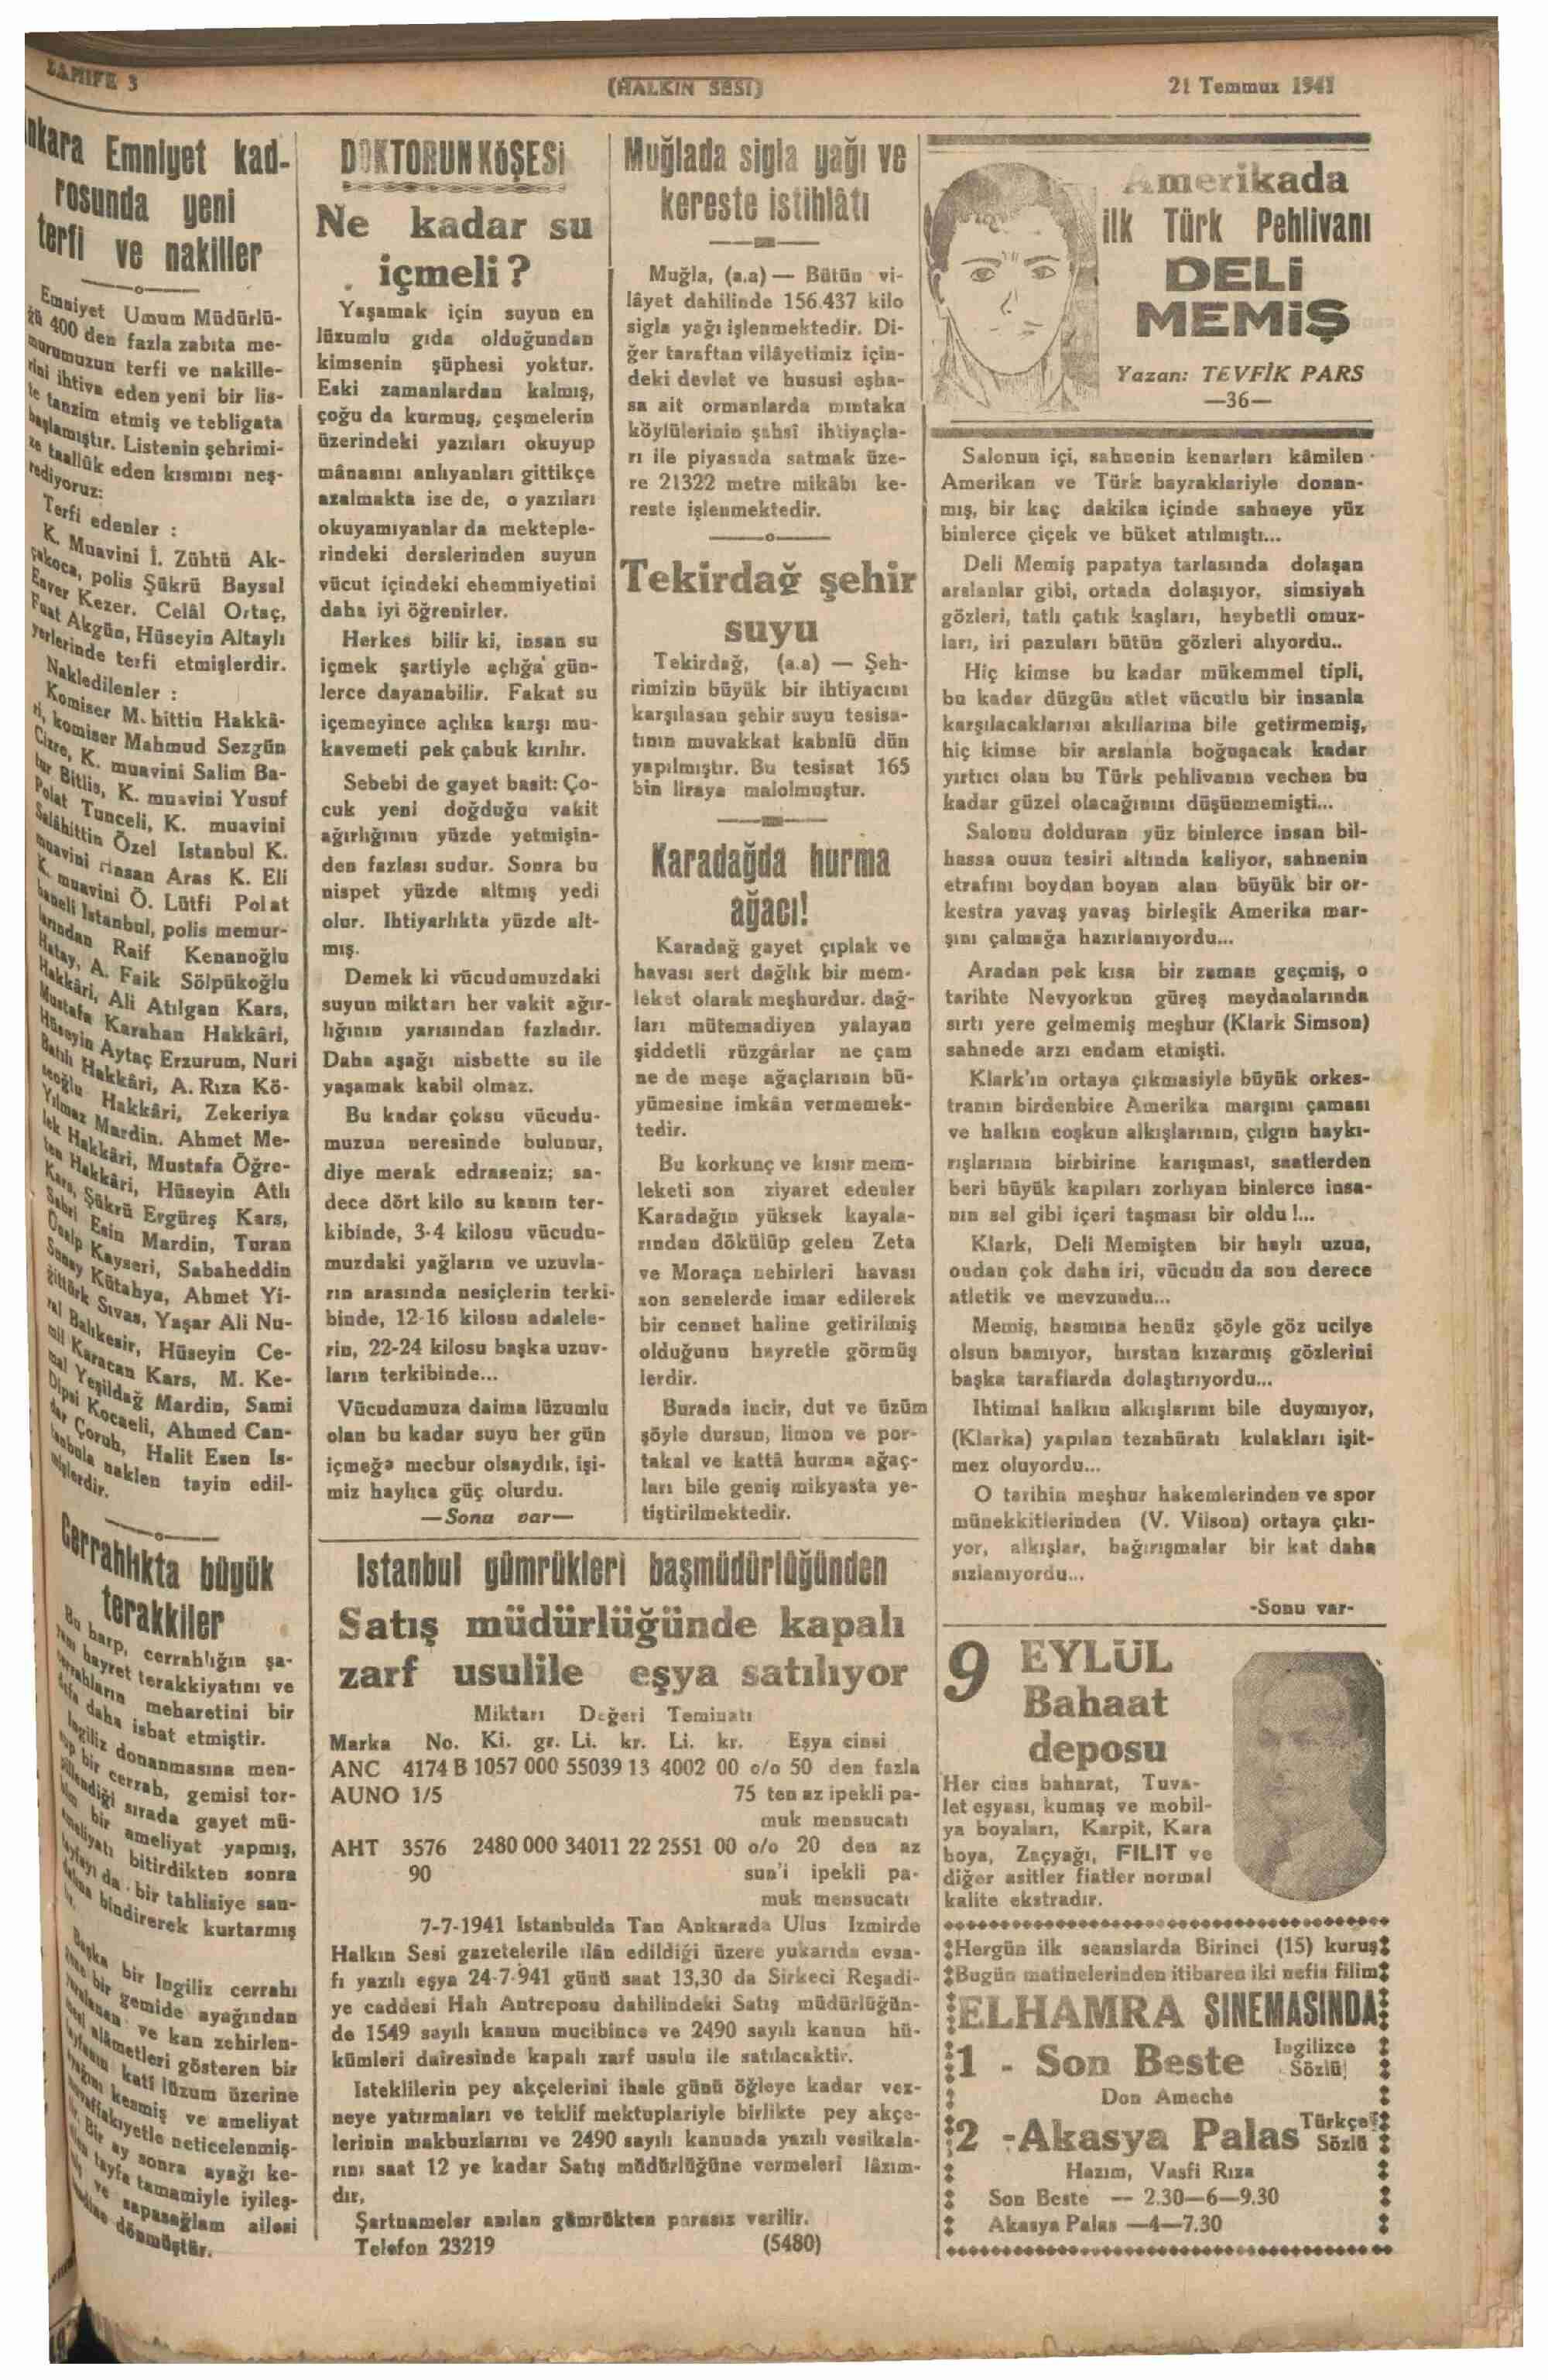 21 Temmuz 1941 Tarihli Halkın Sesi Gazetesi Sayfa 3